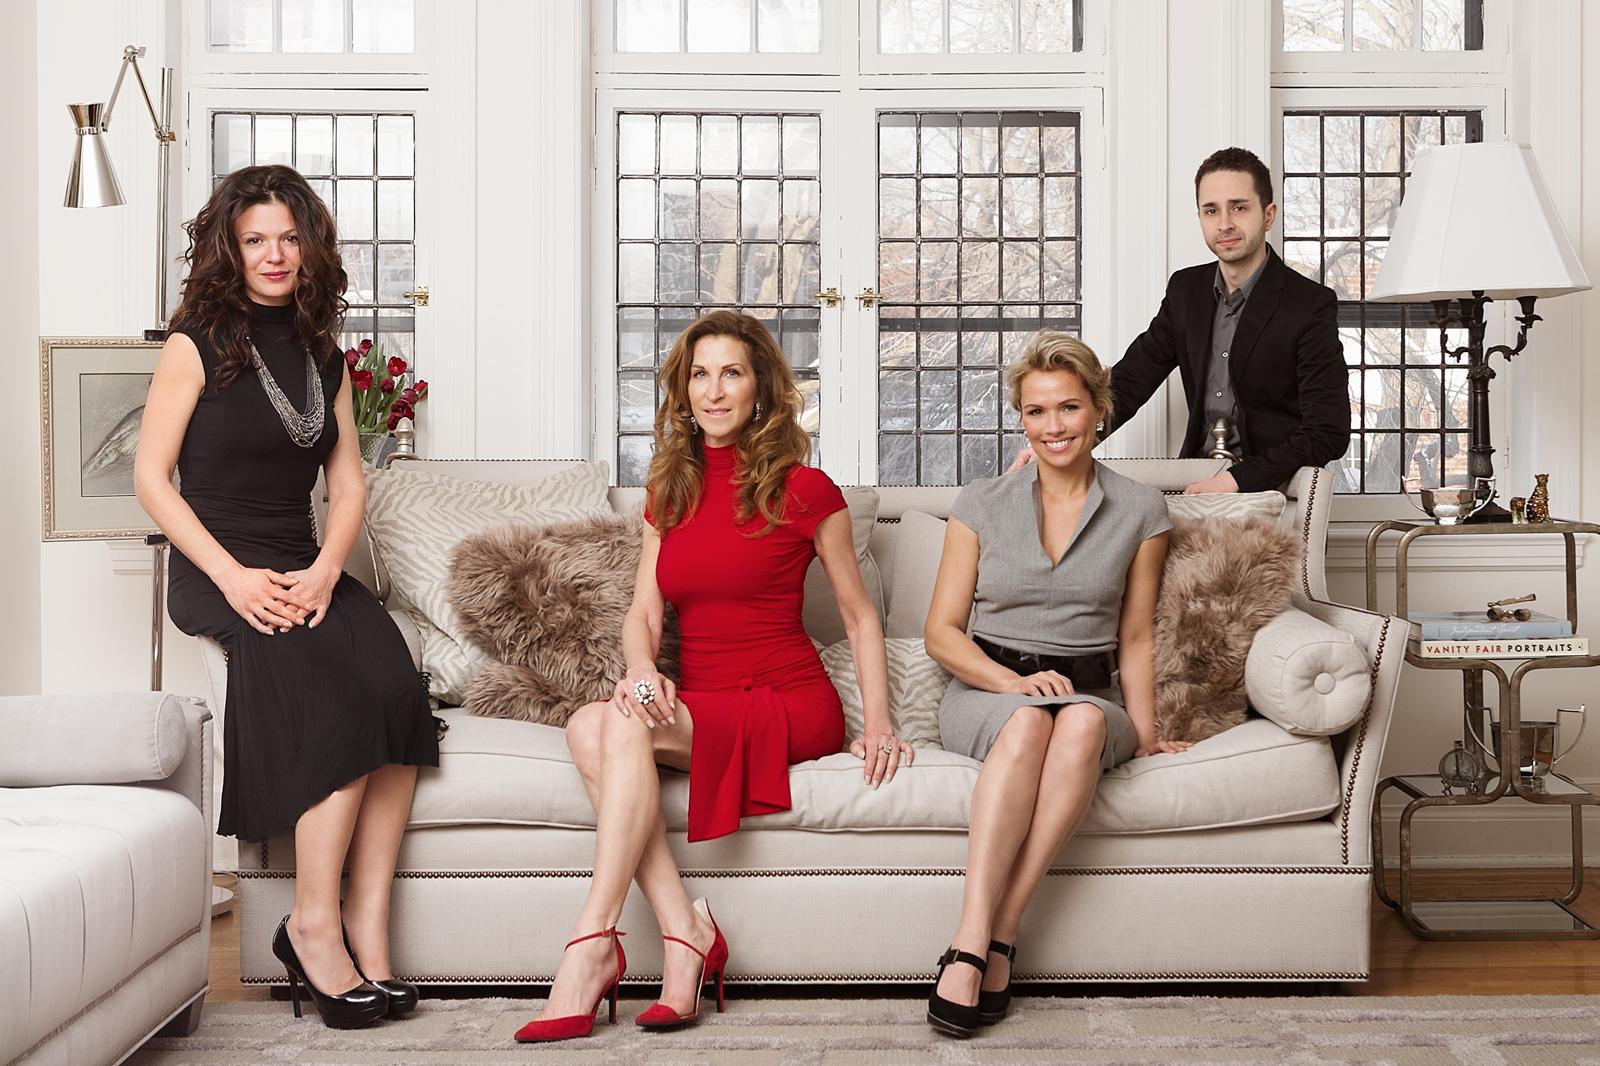 Bones season 5 episode 18+ online dating